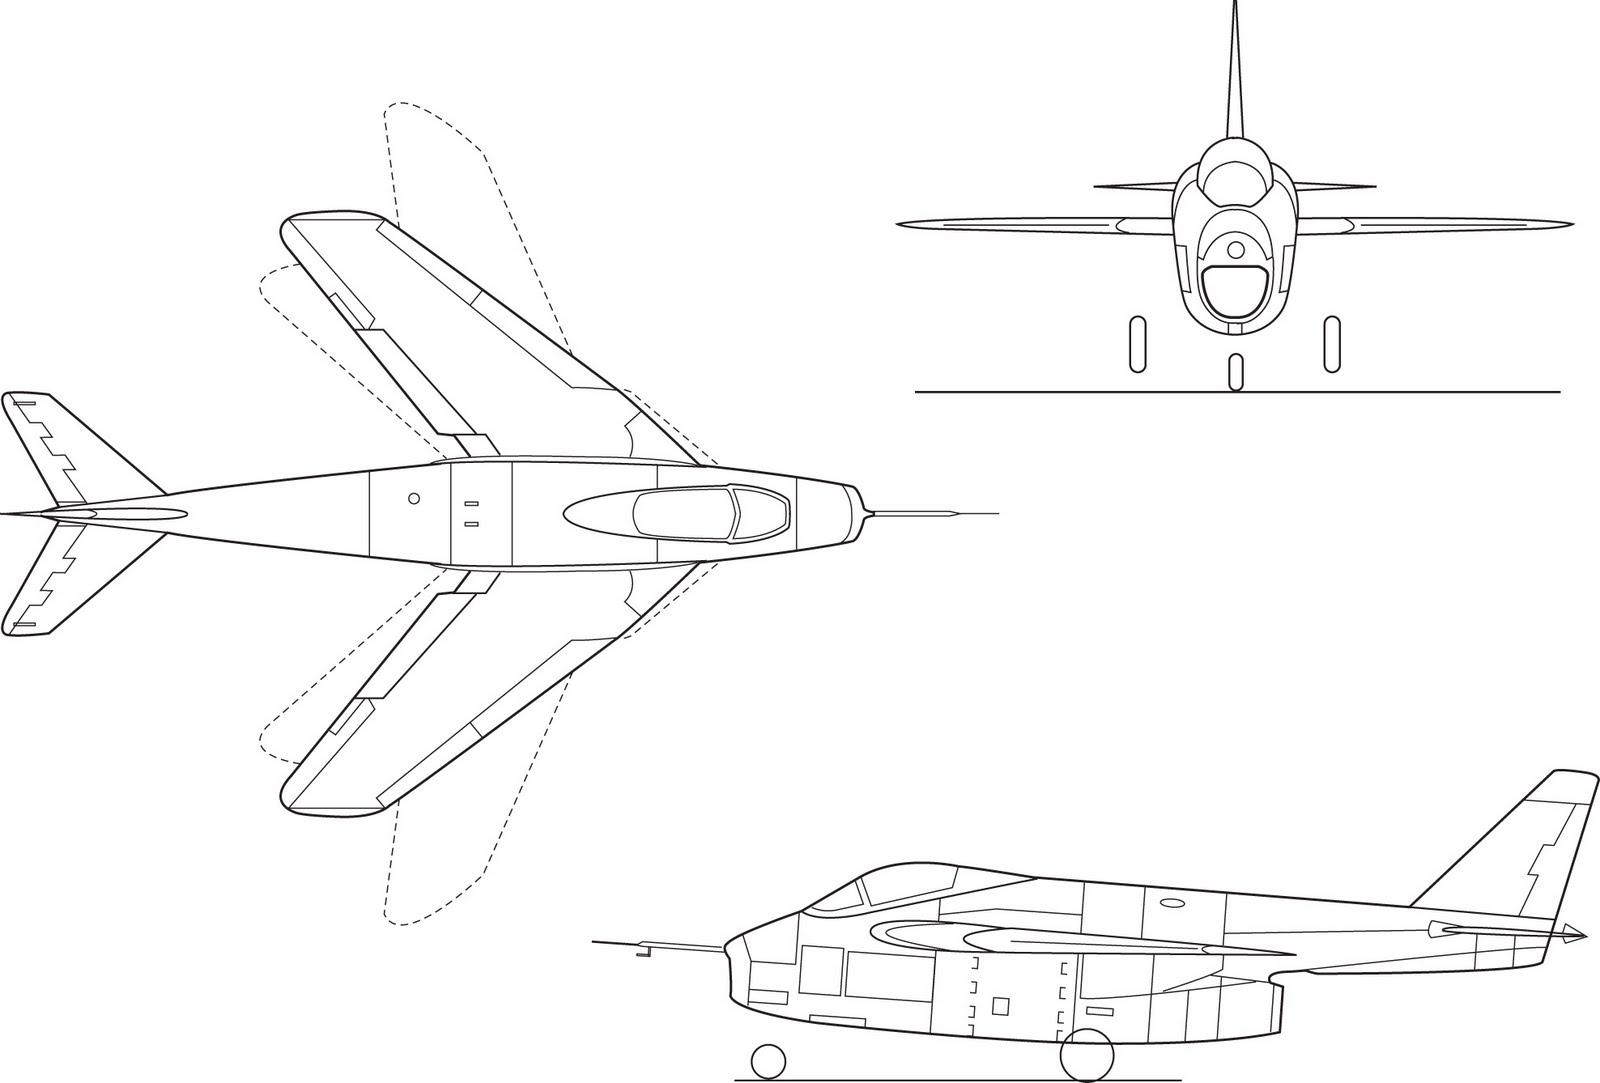 Bell X-5 blueprint